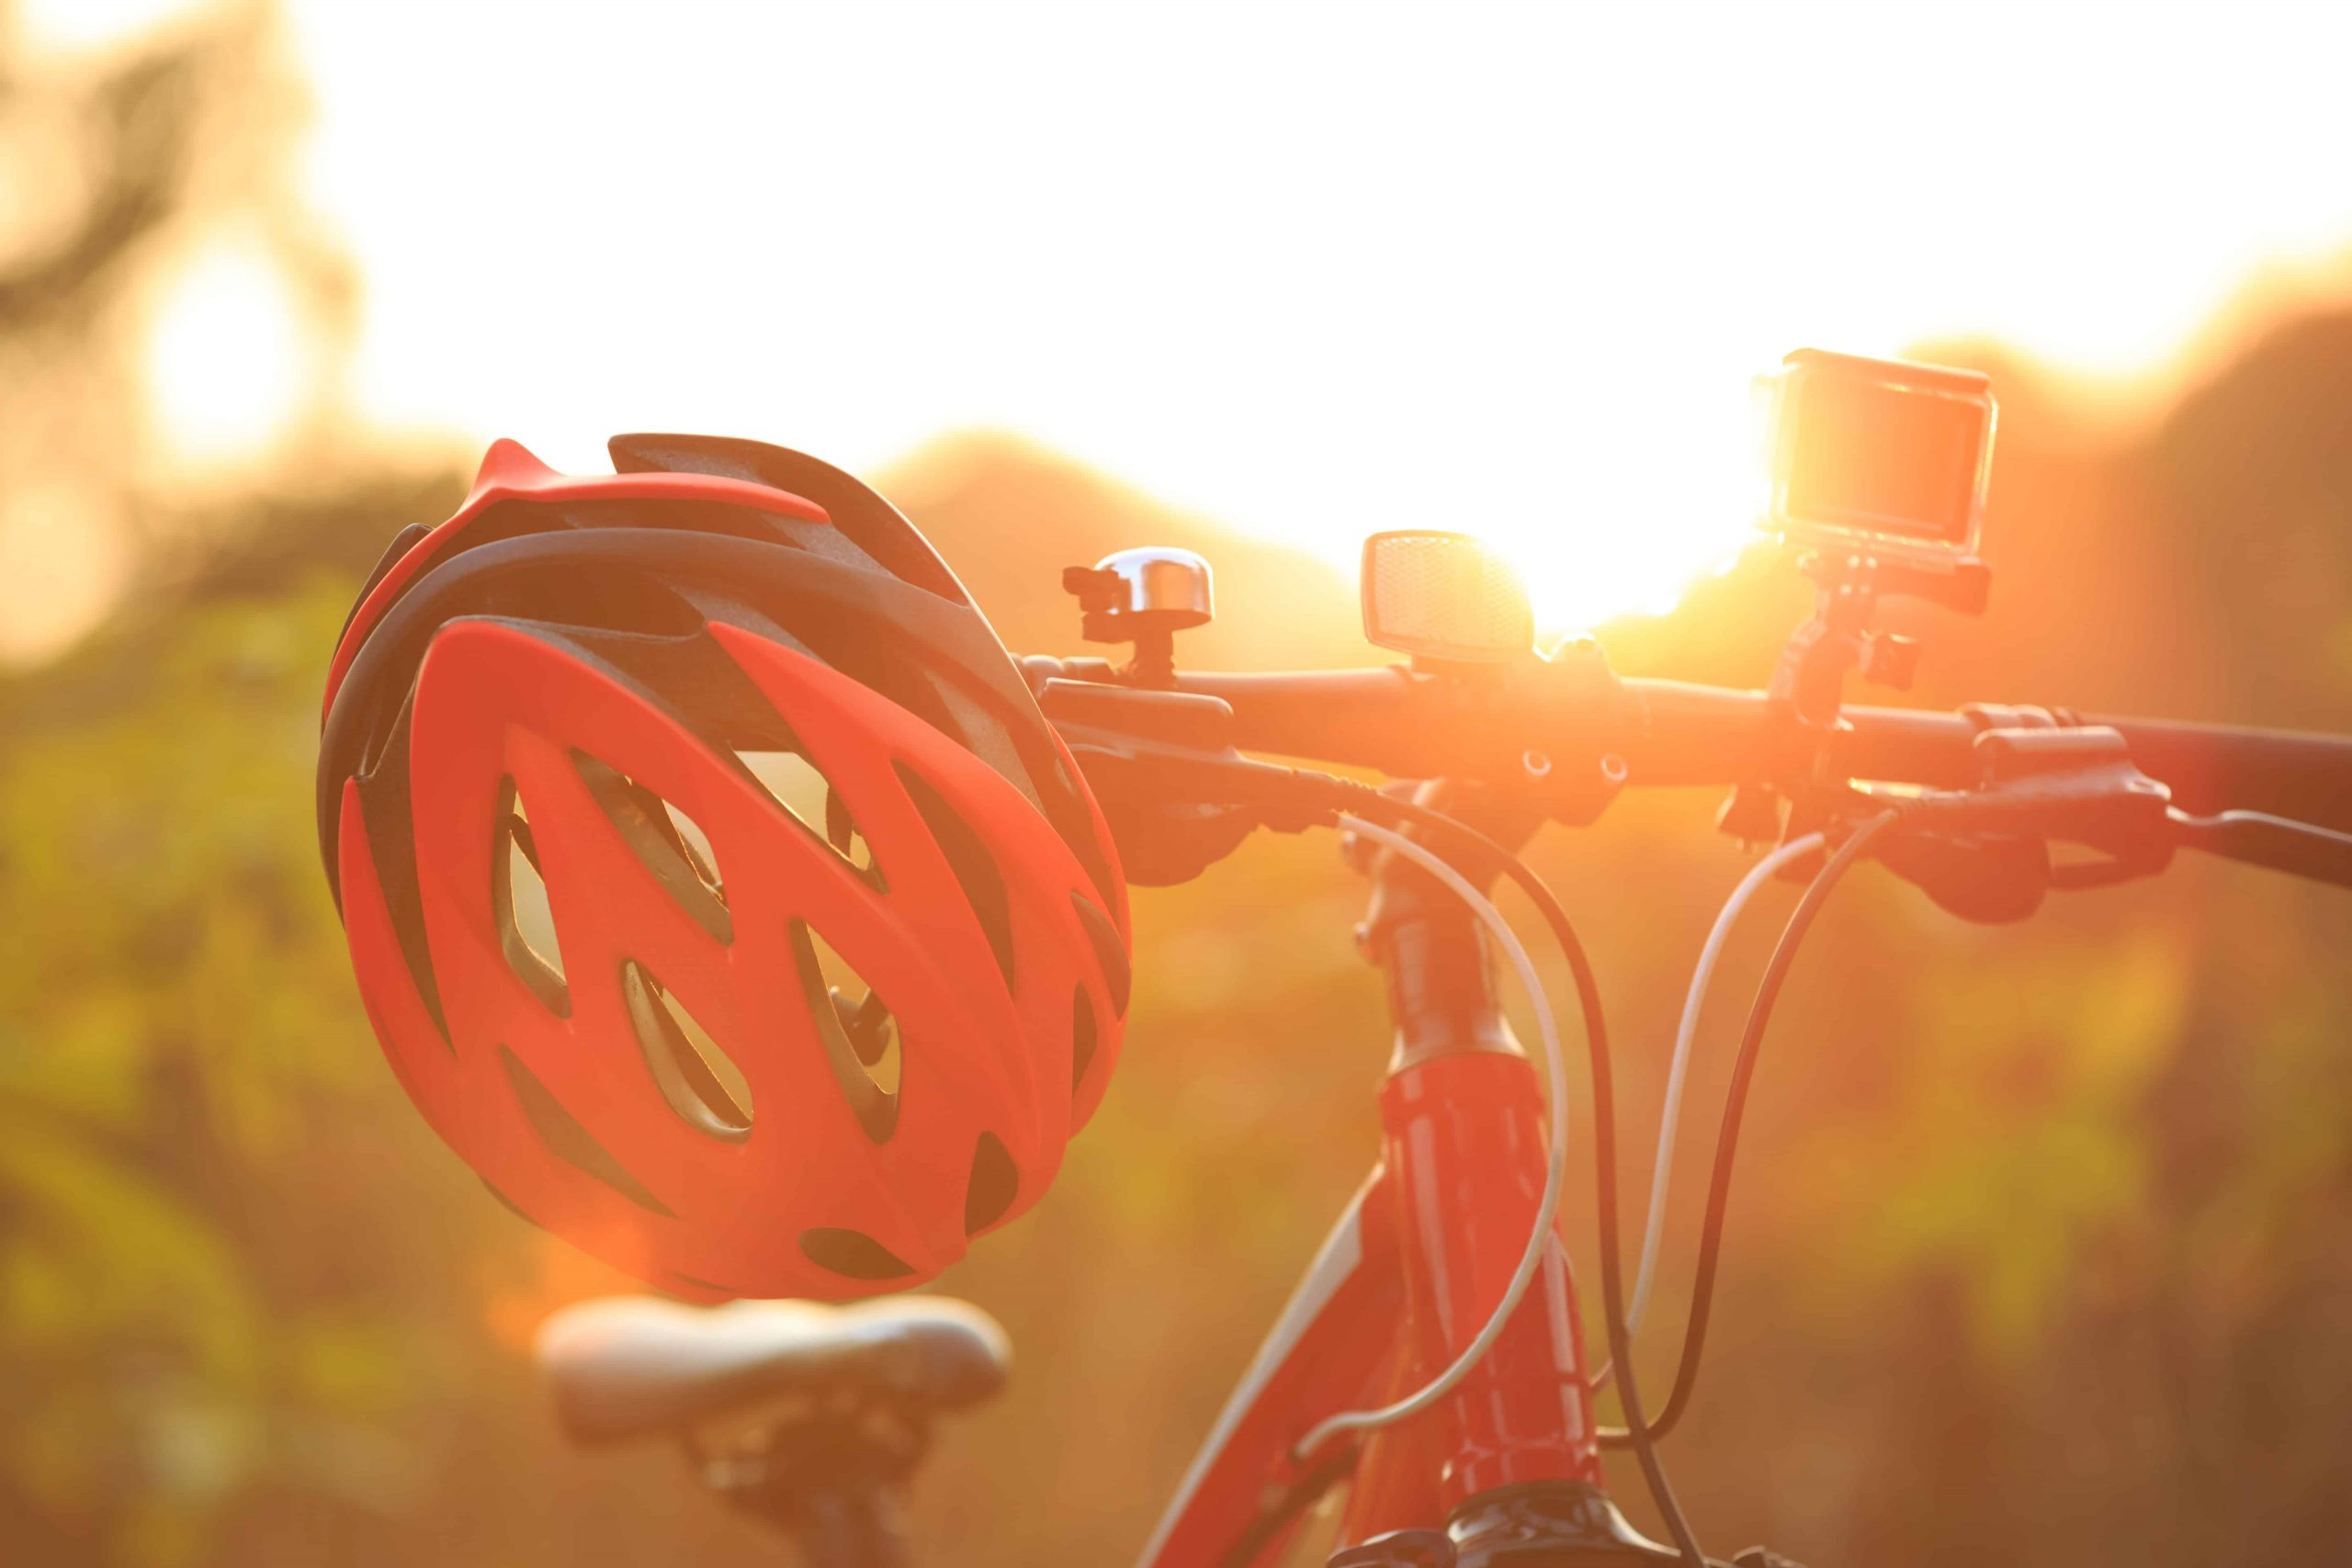 Mountainbike Helm: Test & Empfehlungen (05/21)